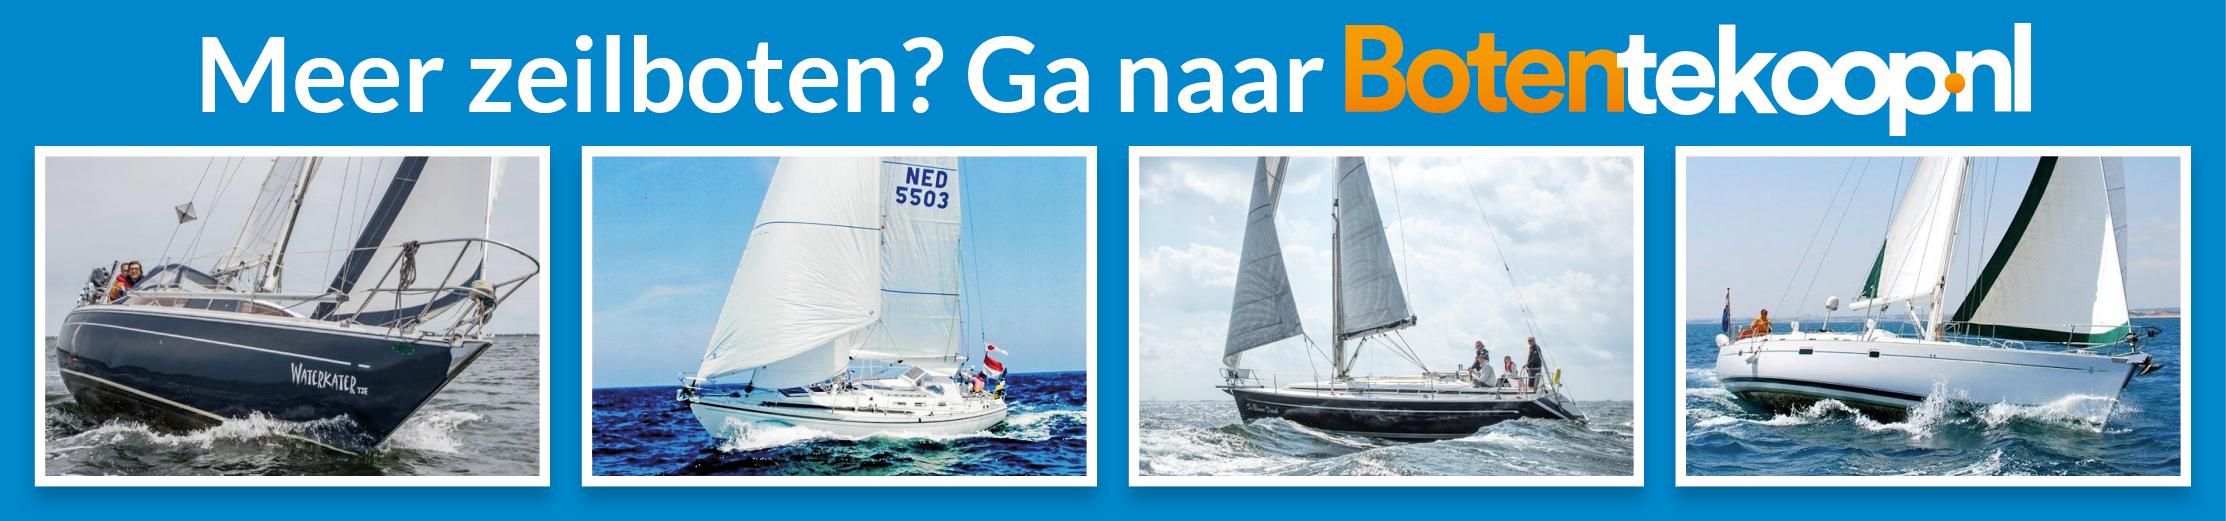 Zeilboten op Botentekoop.nl